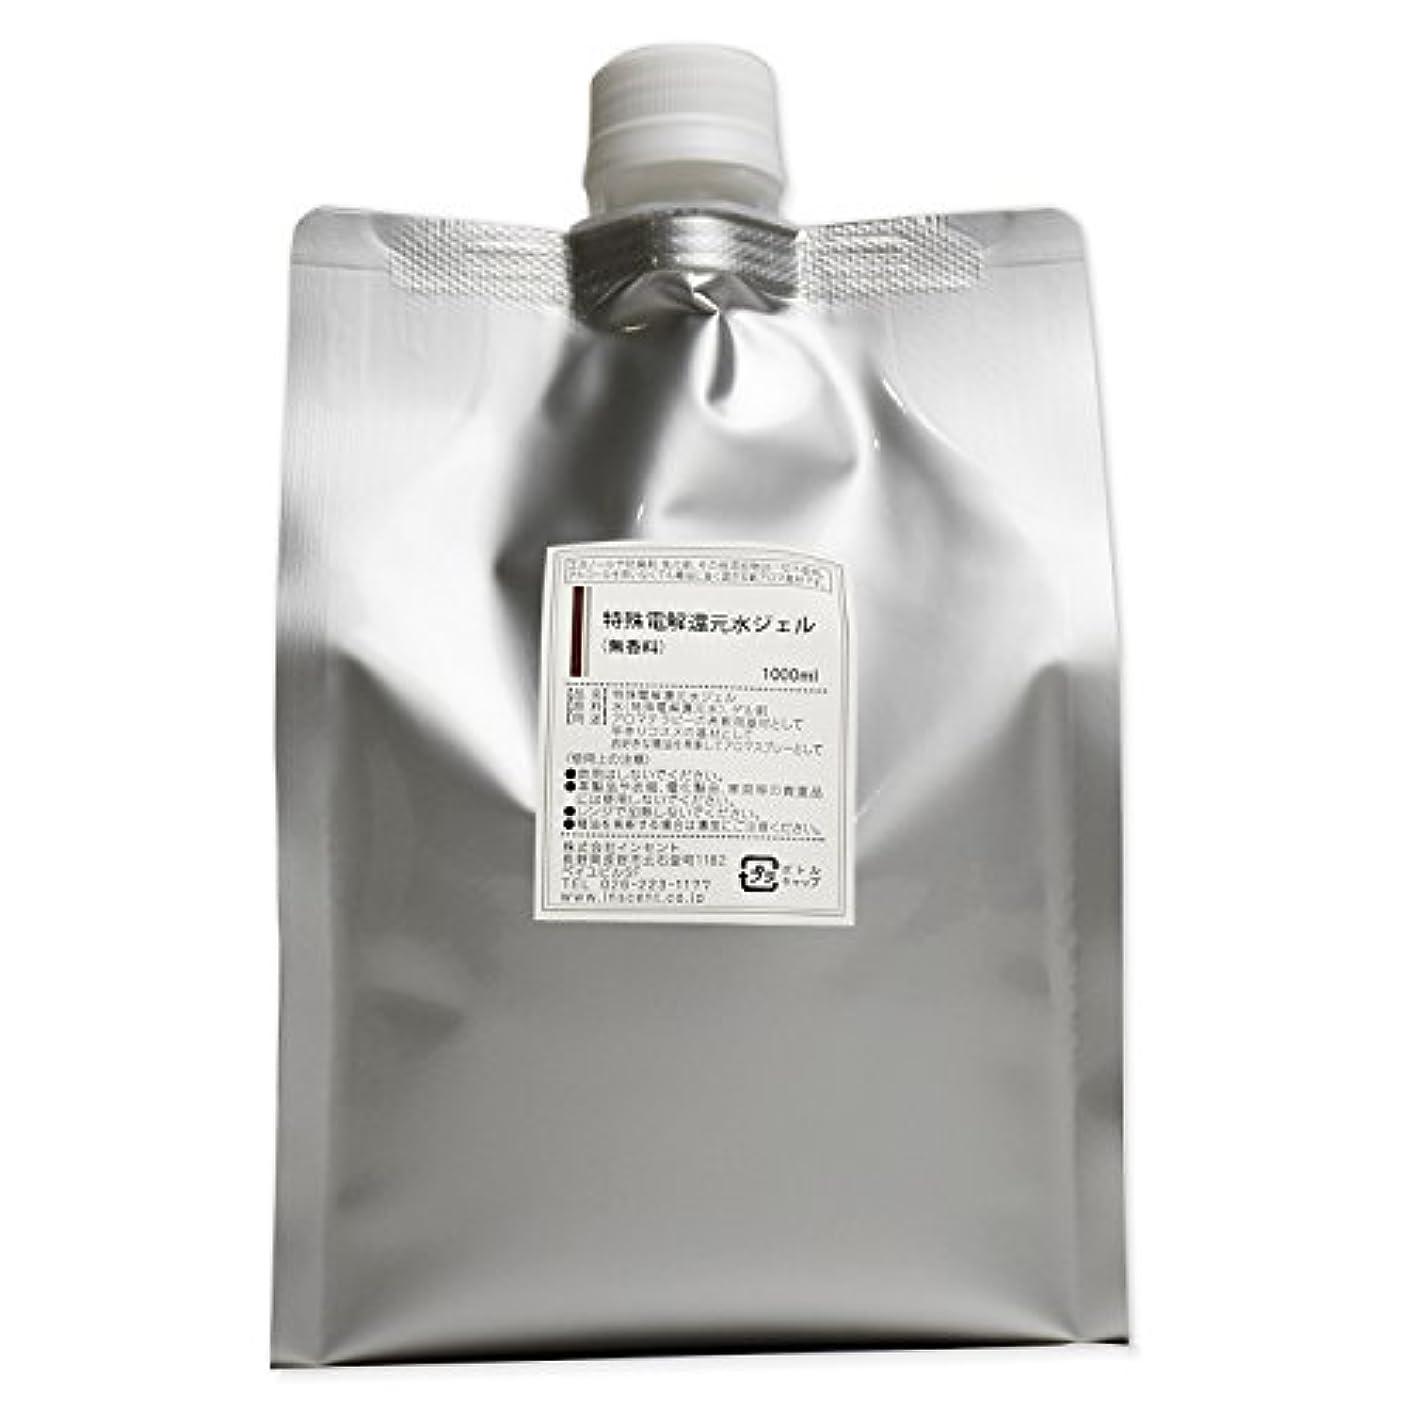 欠如乳製品ナビゲーション(詰替用 アルミパック) アロマスプレー (アロマシャワー) 無香料 特殊電解還元水ジェル 1000ml インセント